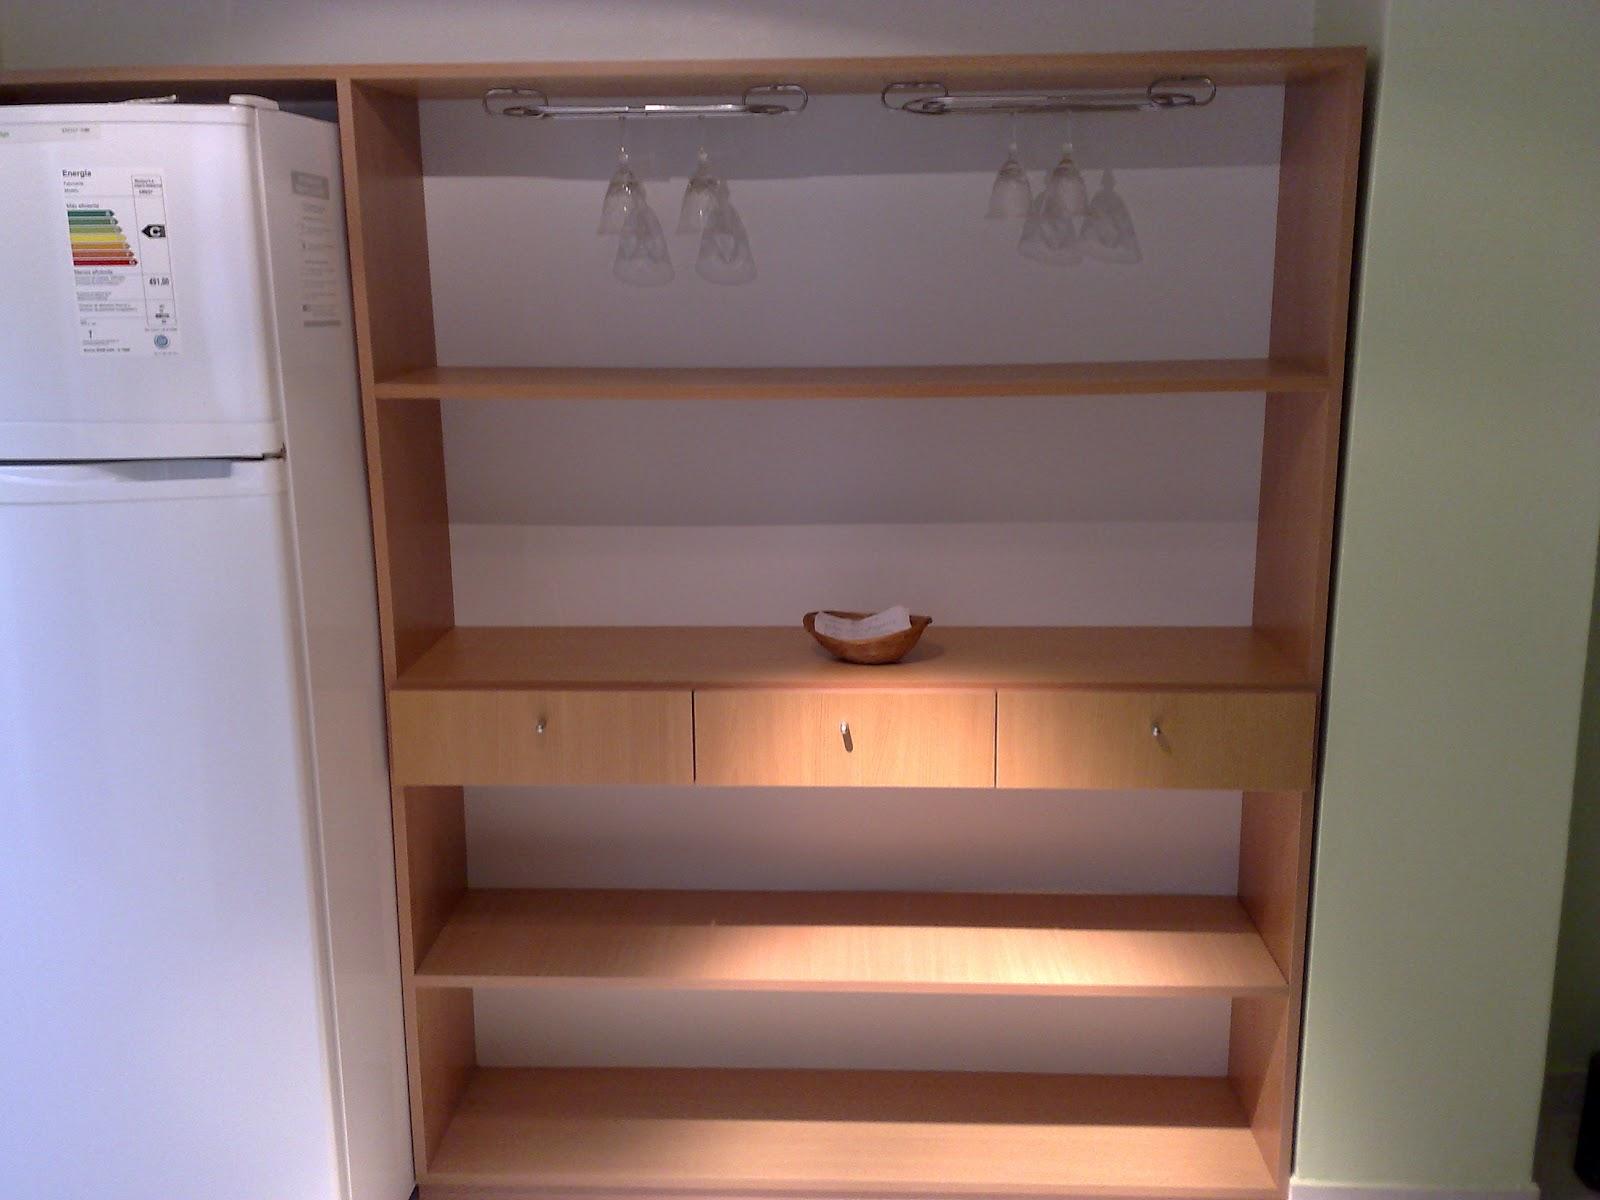 Amoblamientos cj bajo mesada y mueble con estantes y cajones for Mueble 3 estantes